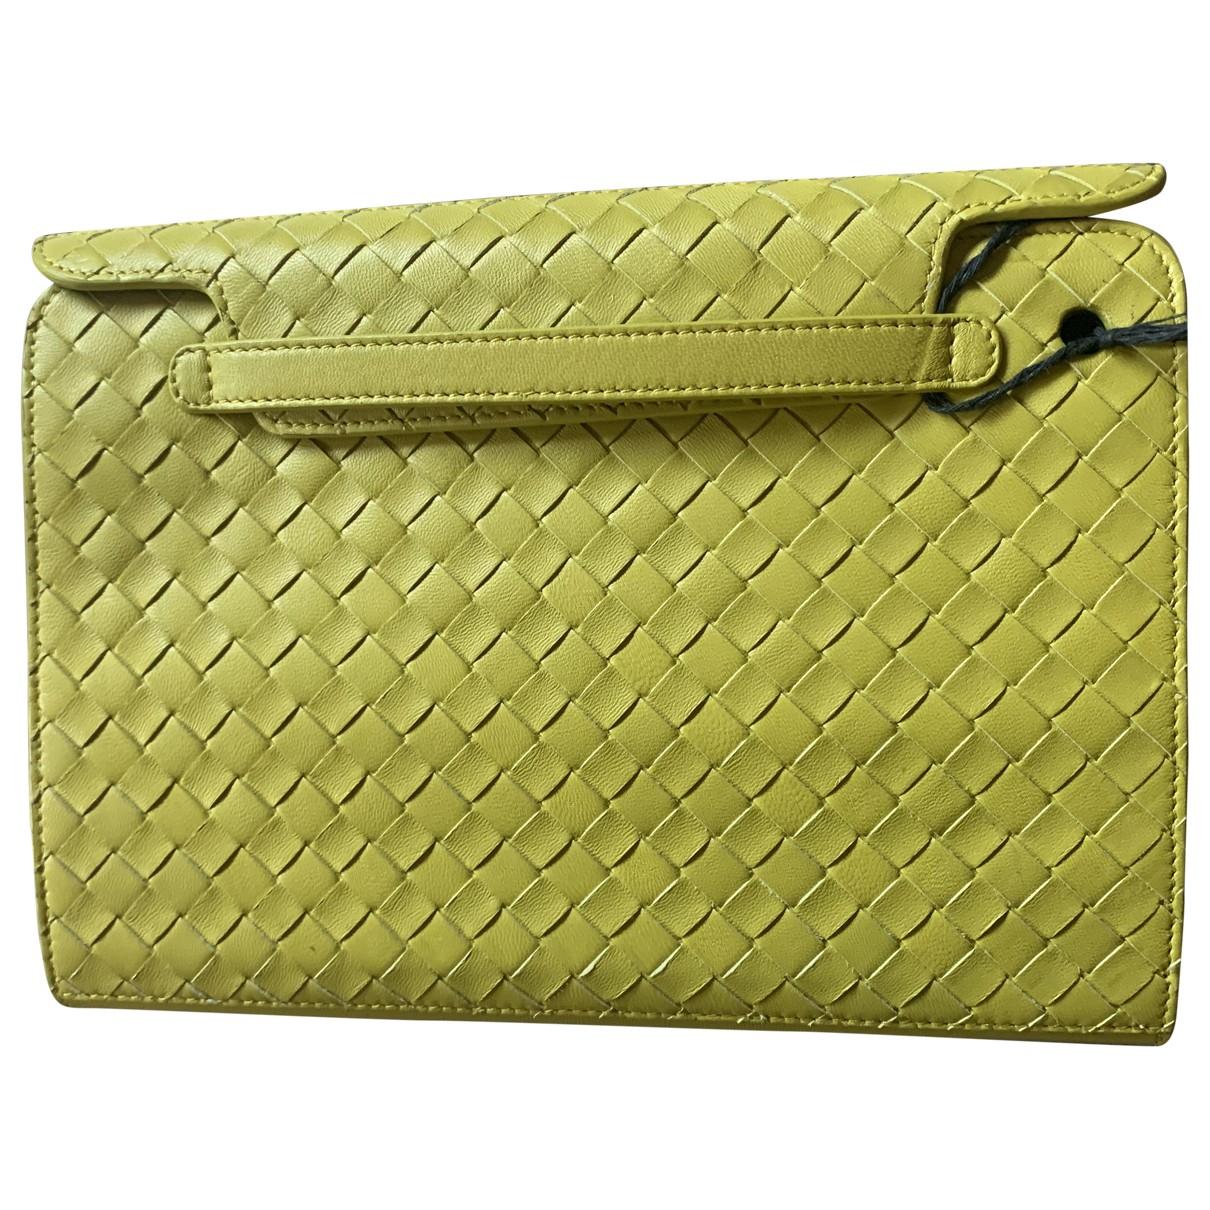 Bottega Veneta \N Accessoires in  Gelb Leder